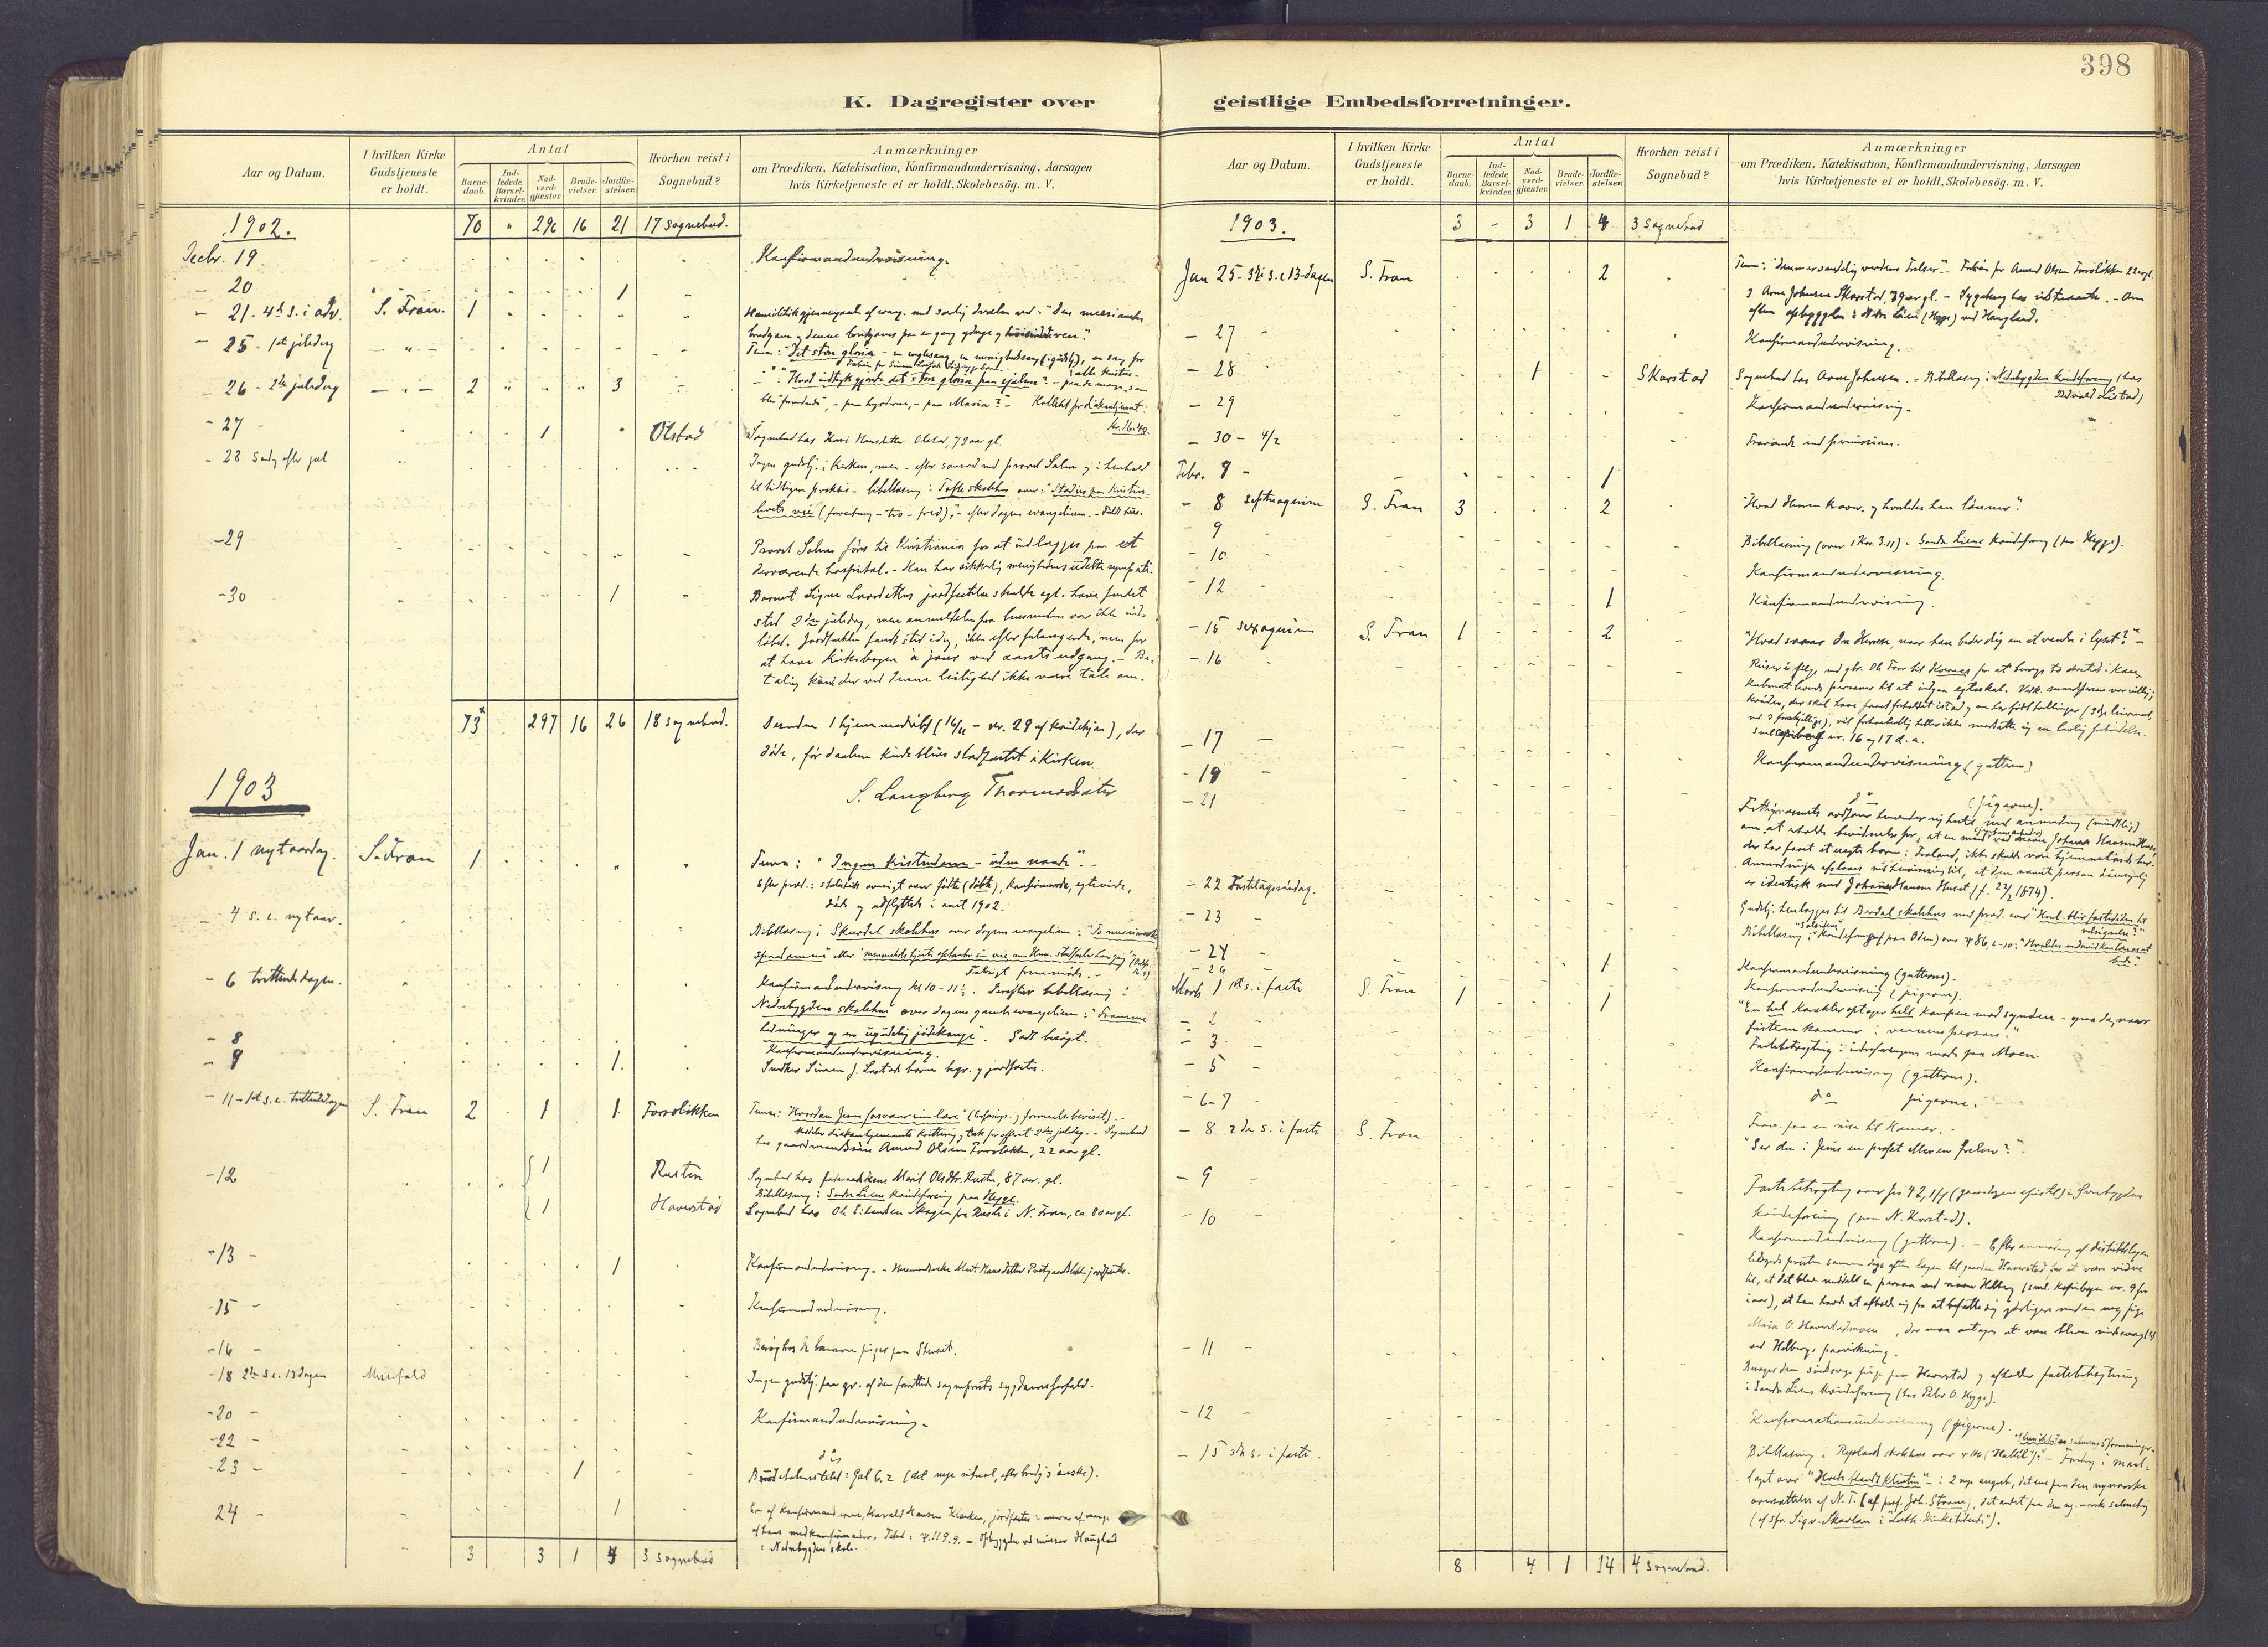 SAH, Sør-Fron prestekontor, H/Ha/Haa/L0004: Ministerialbok nr. 4, 1898-1919, s. 398